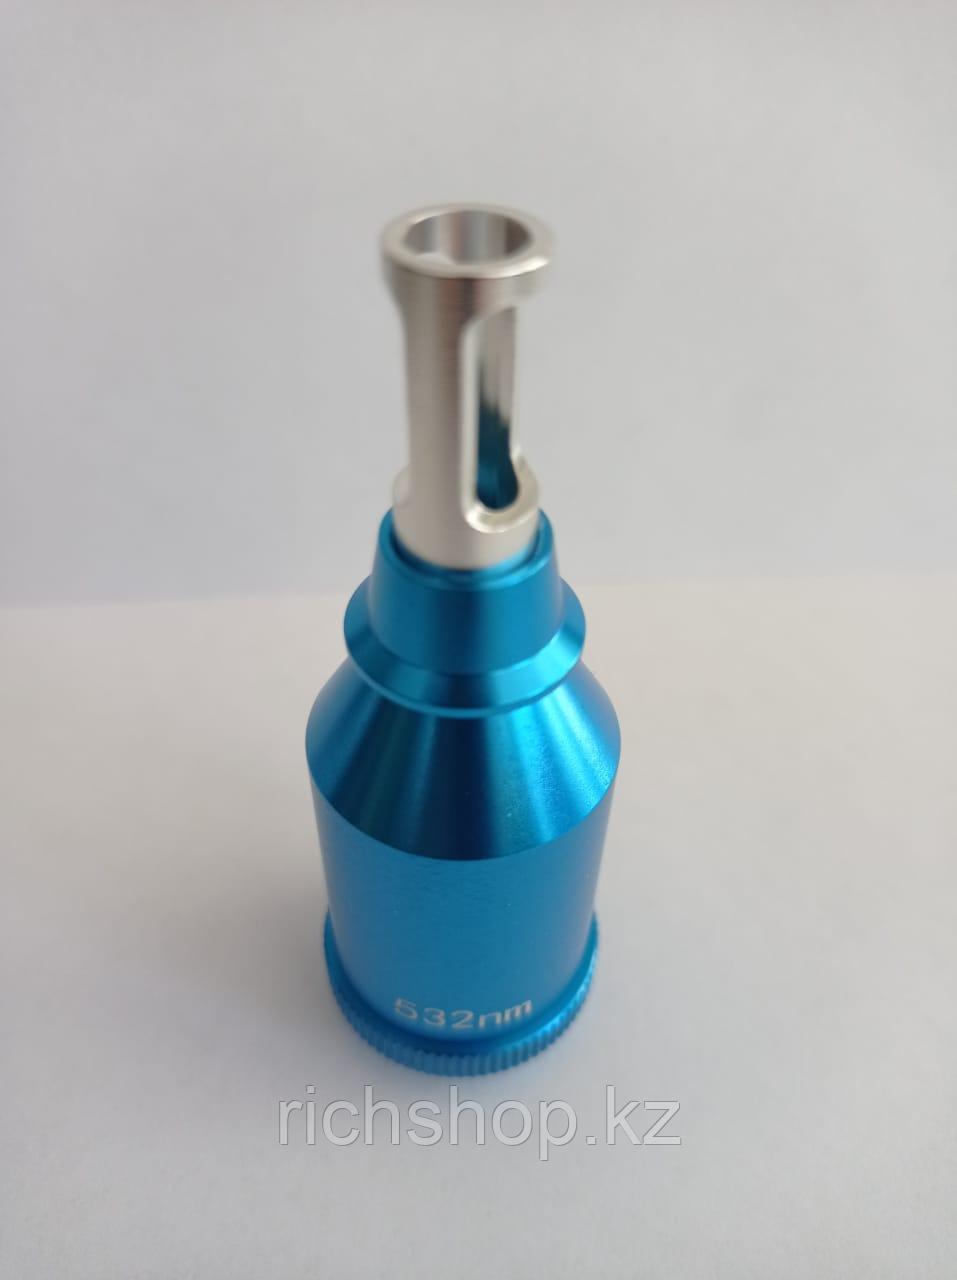 Насадка для неодимового лазера 532 нм